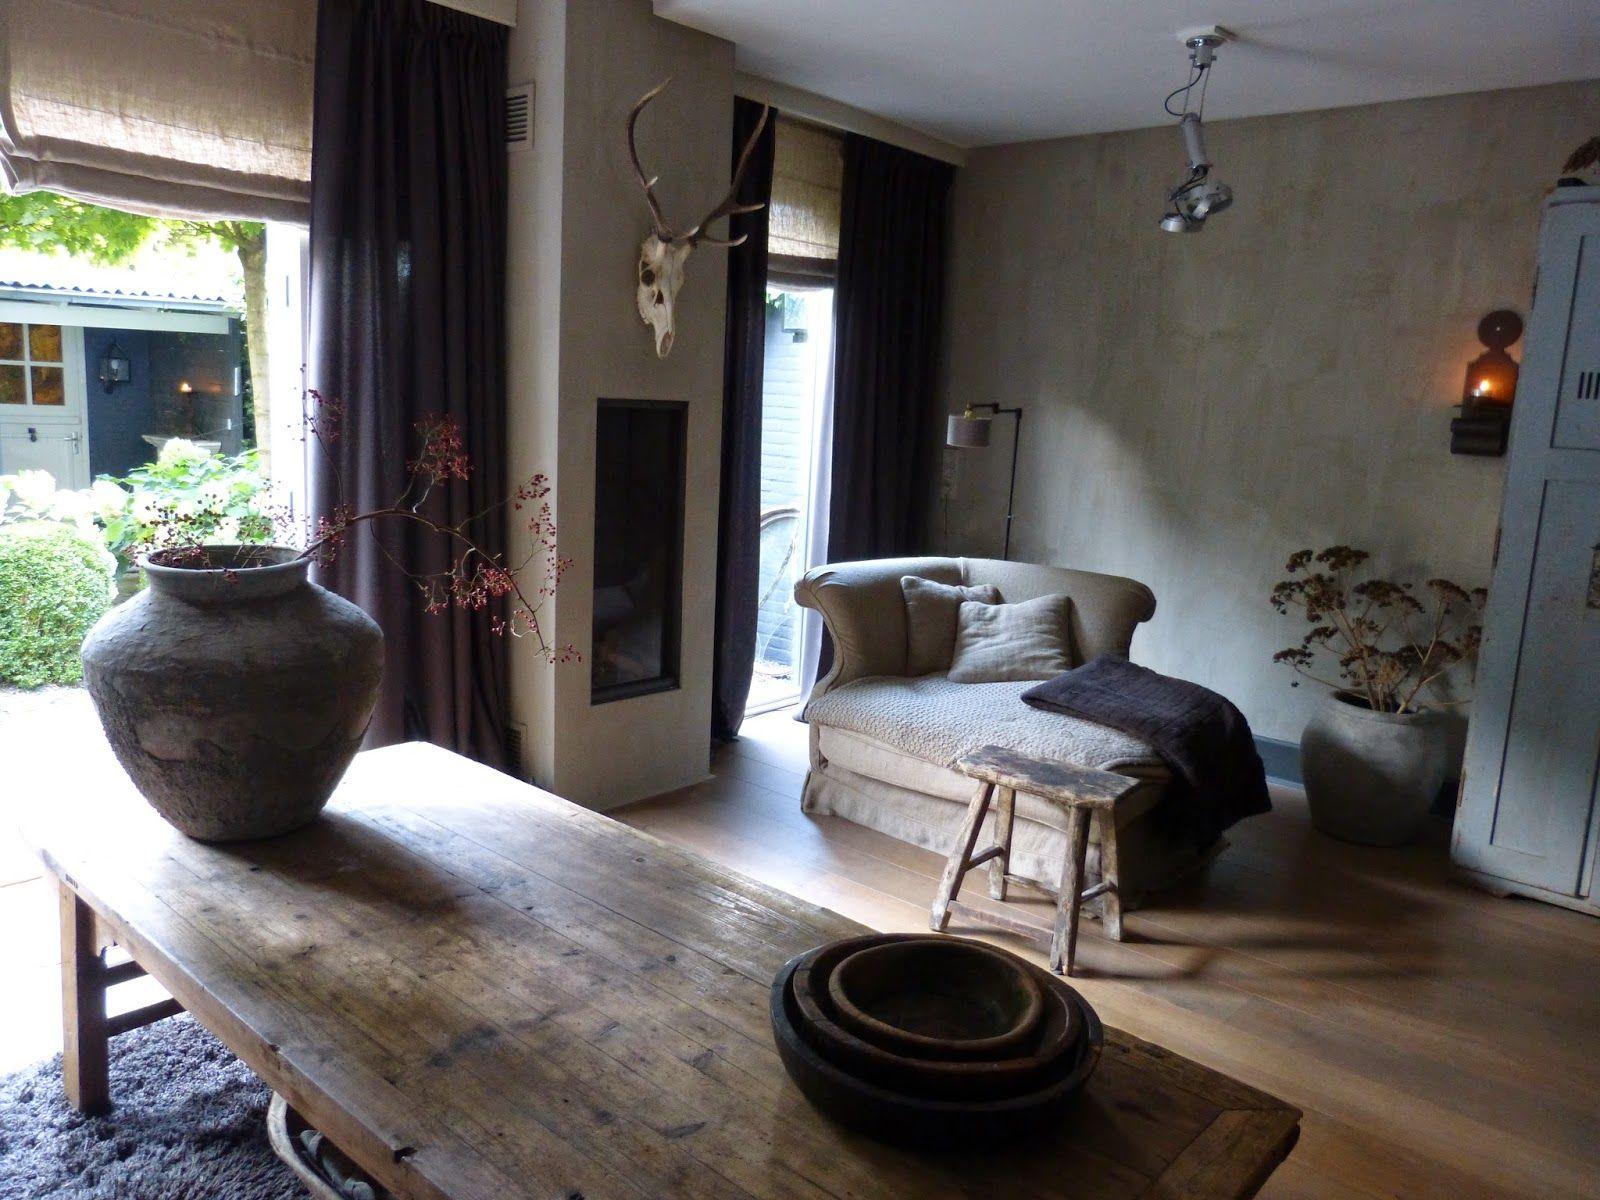 stoer landelijke inrichting   Google zoeken   Nieuwe sfeer woonhuis   Pinterest   Wabi sabi